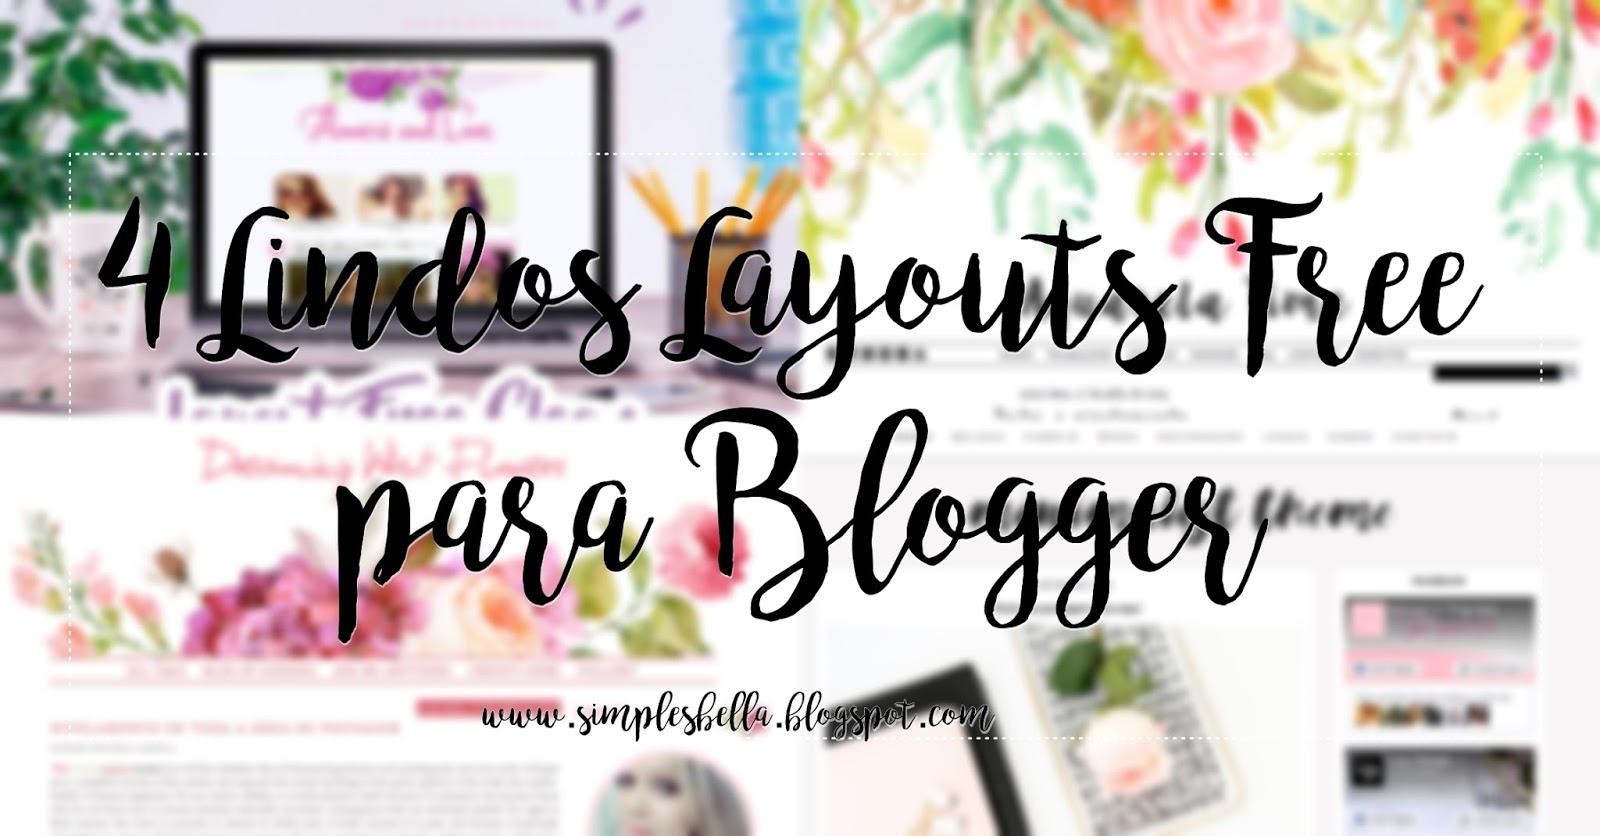 Novos Layouts Free para Blogger